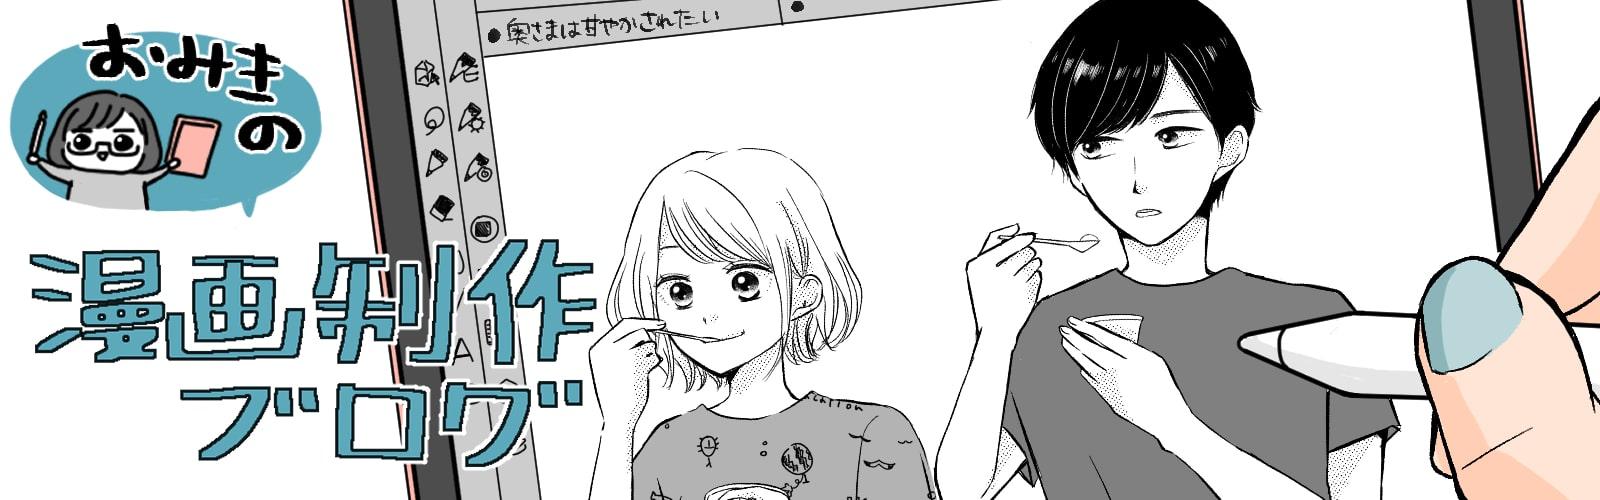 おみきの漫画制作ブログ